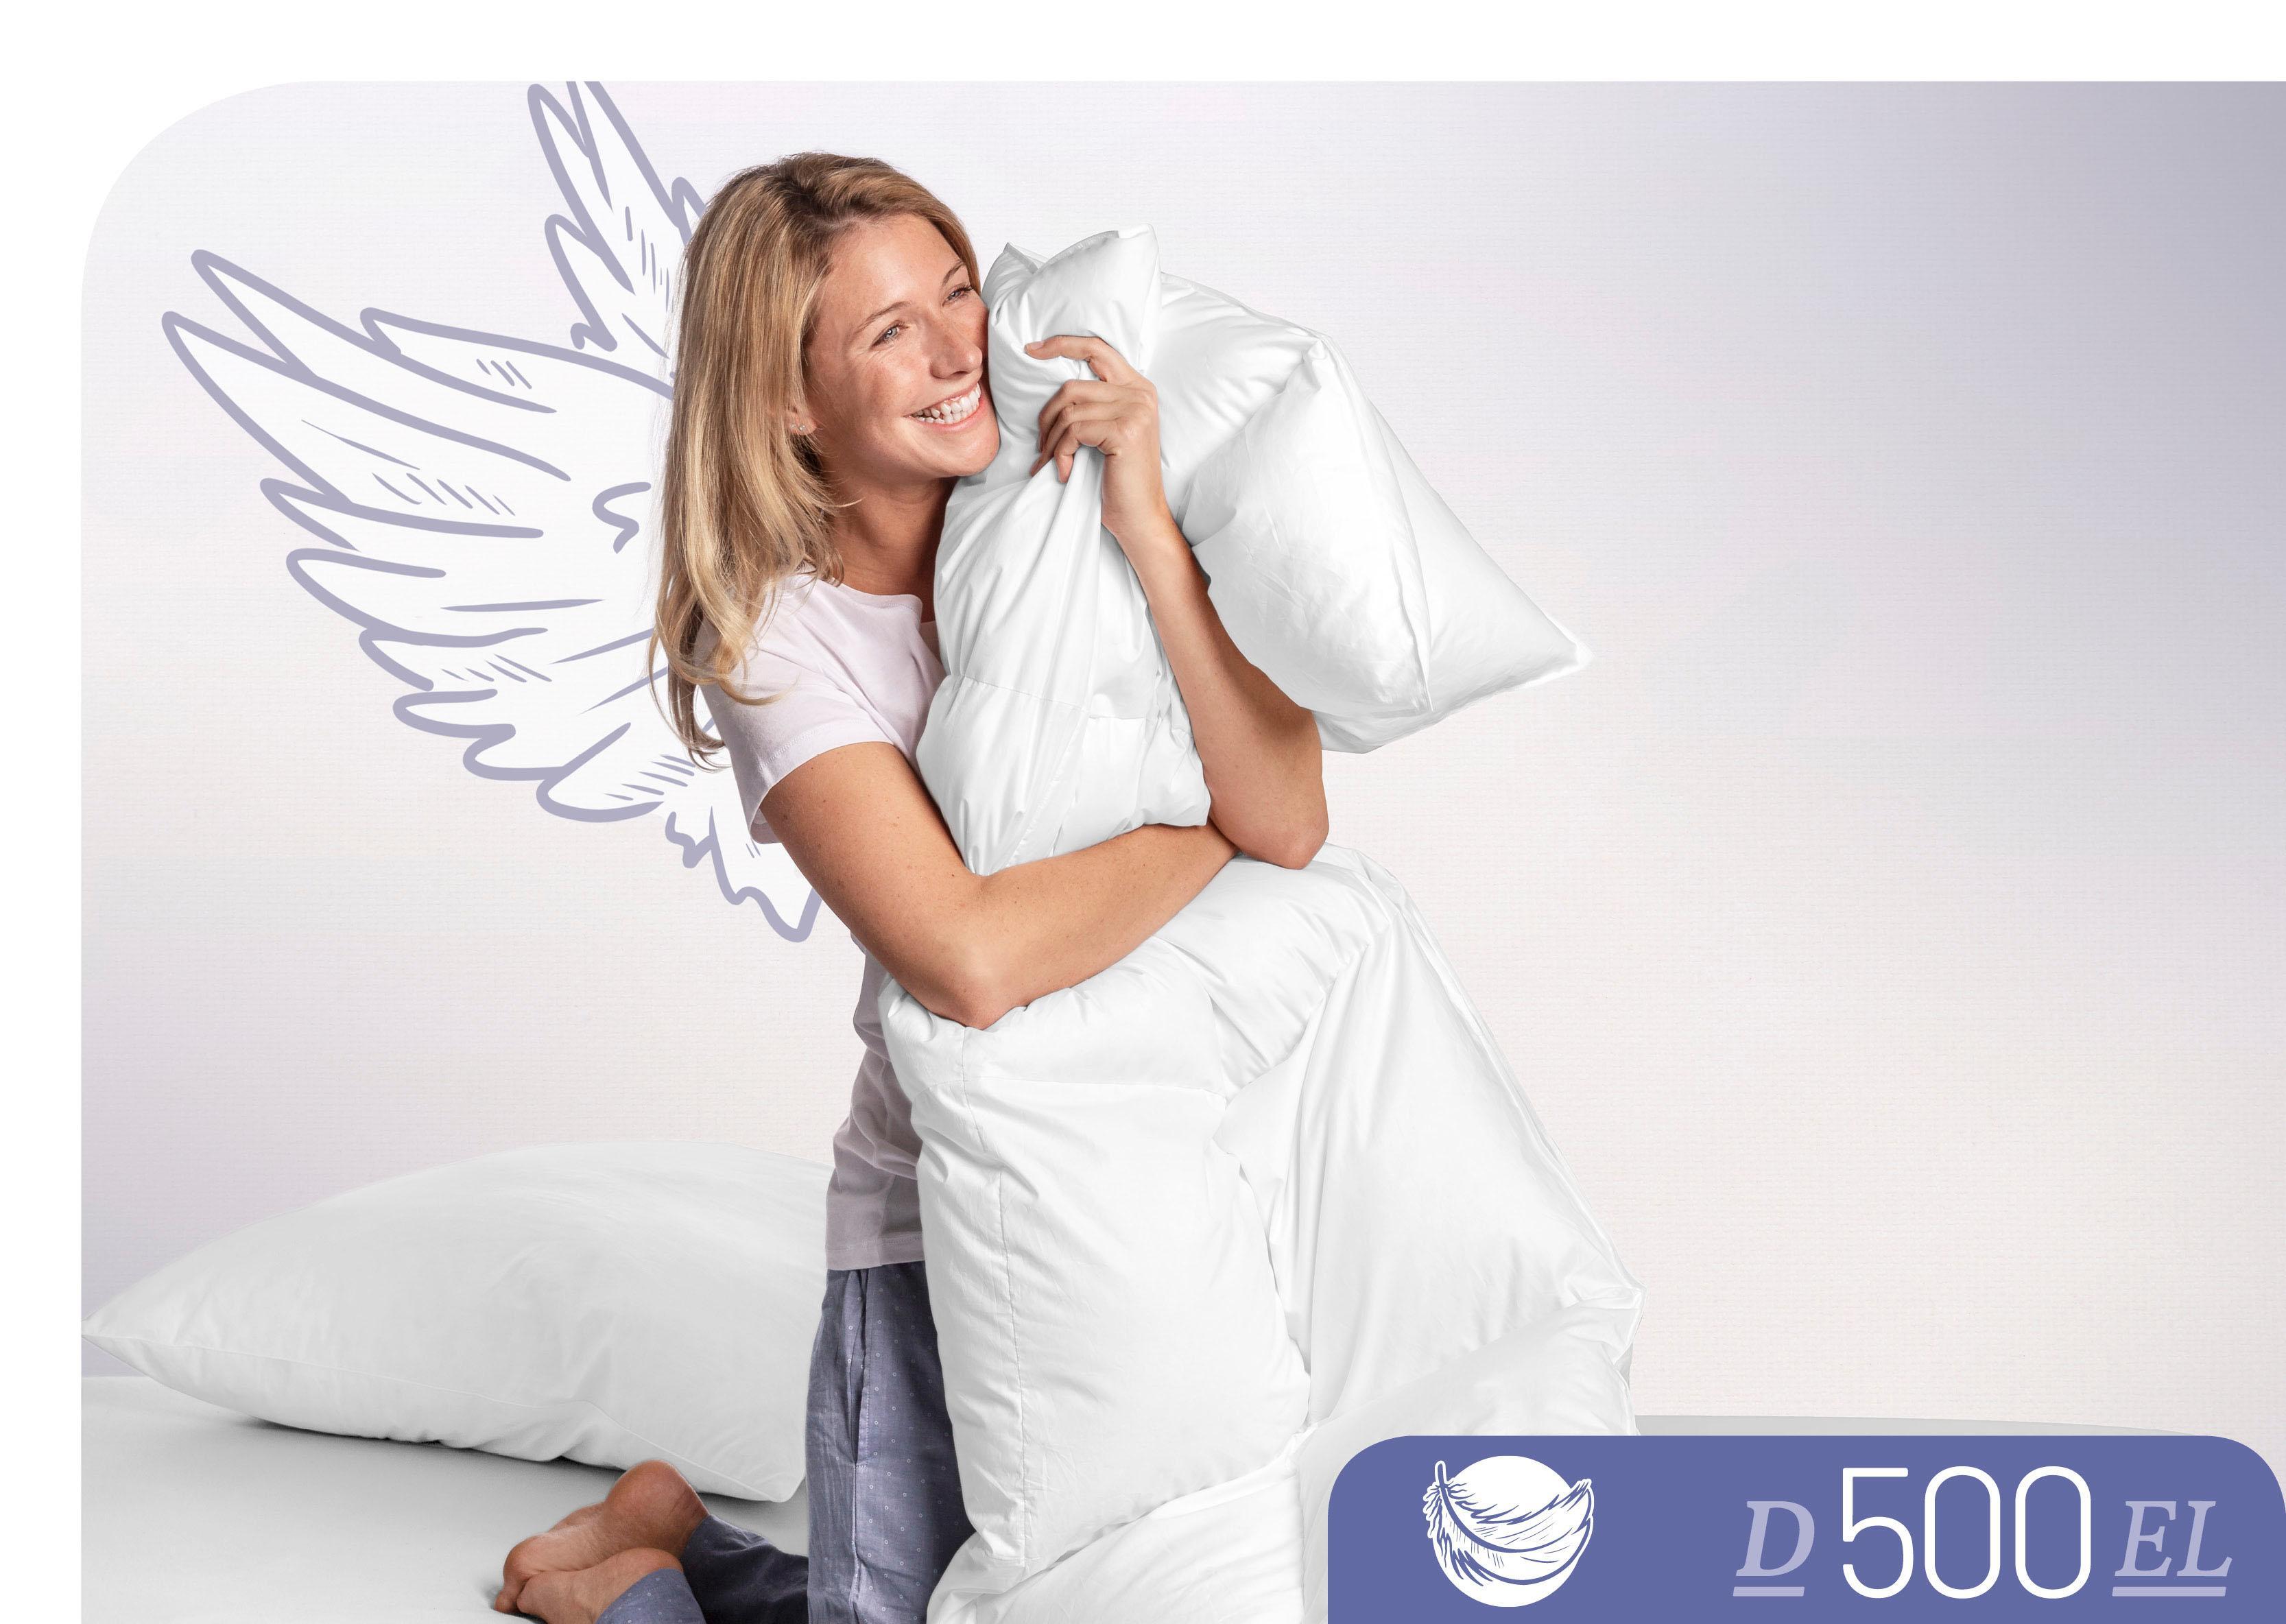 Daunenbettdecke D500 Schlafstil extraleicht Füllung: 100% Daunen Bezug: 100% Baumwolle